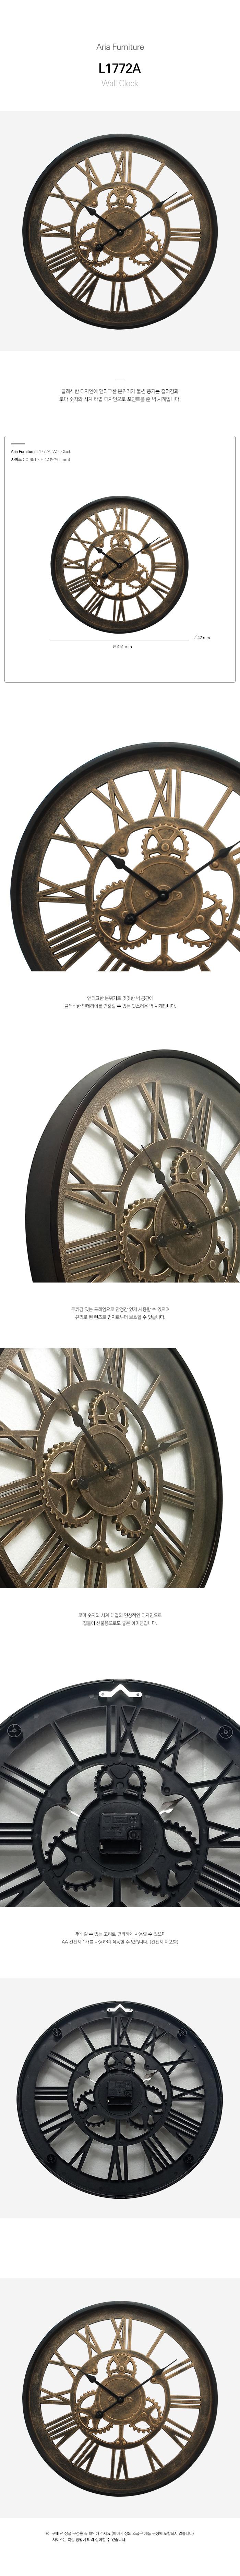 L1772A-Clock_200306.jpg